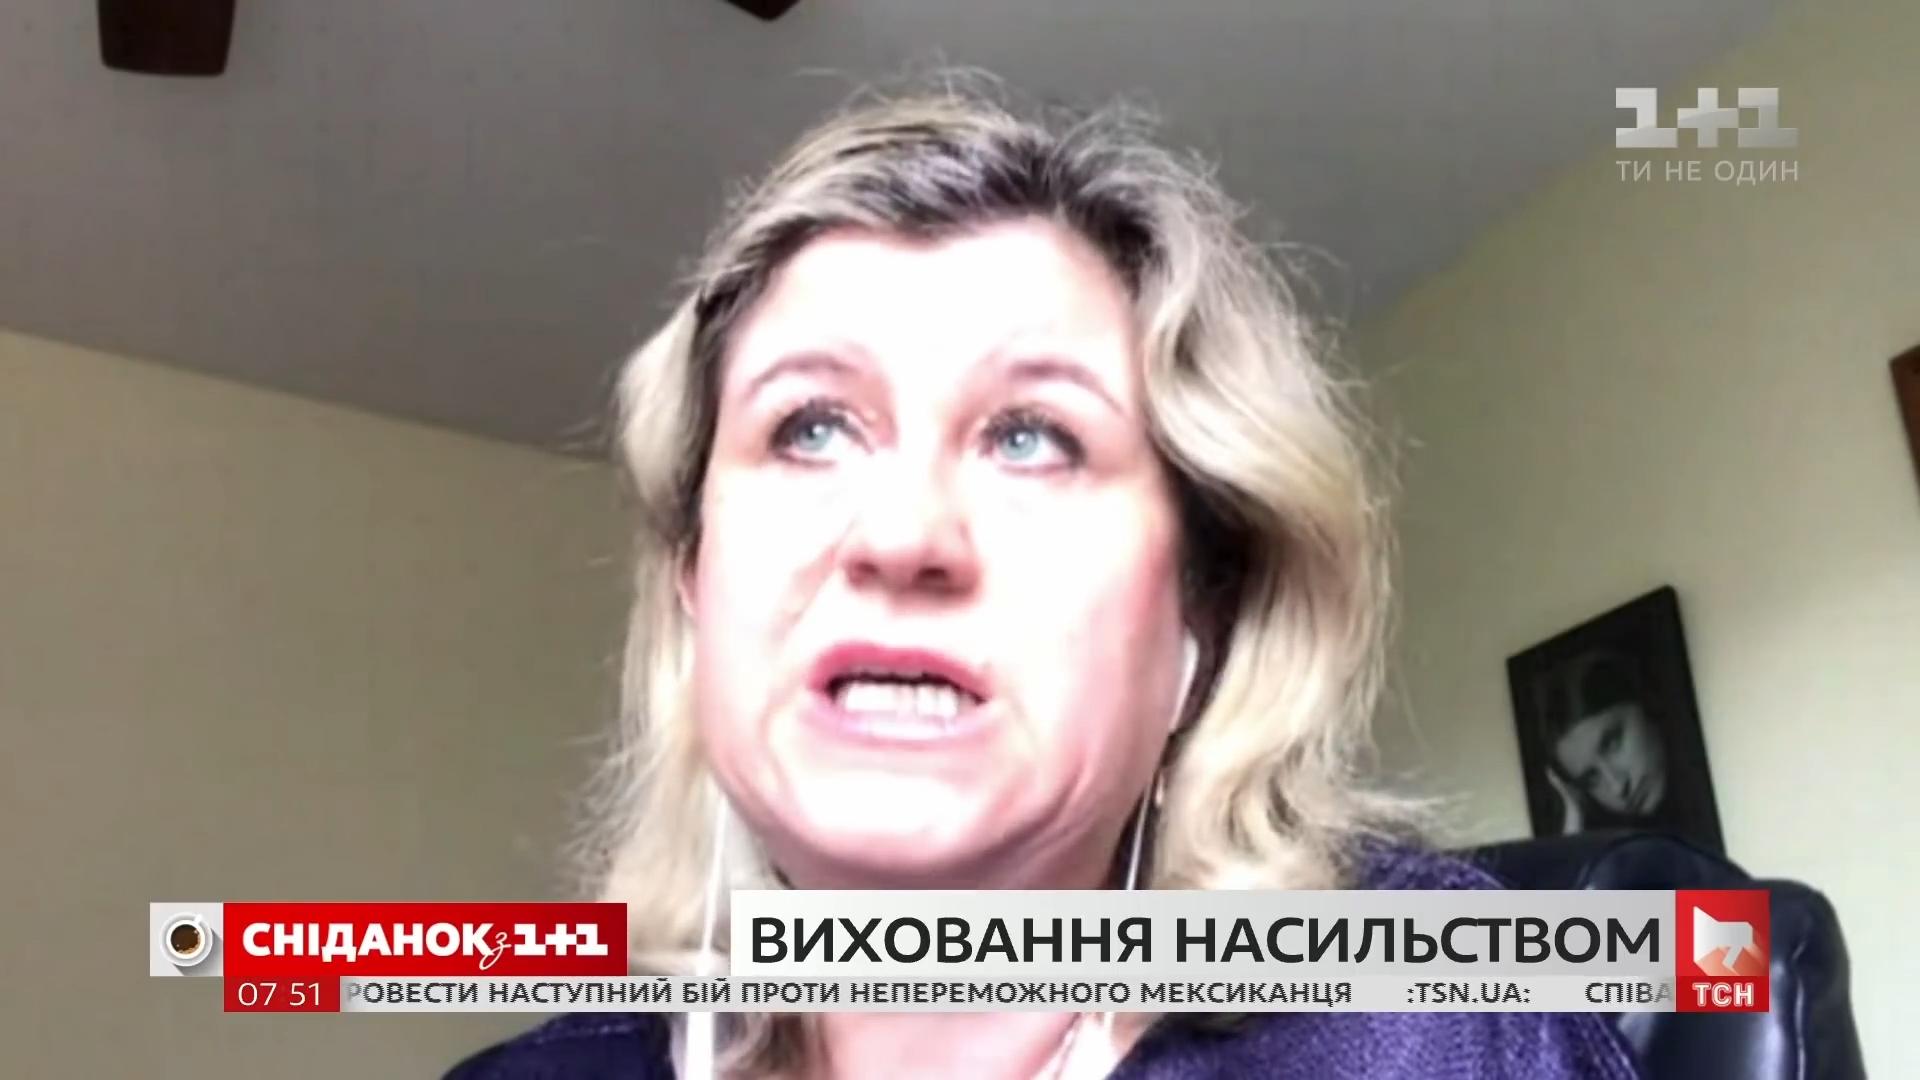 20190708_09-51-Что в Украине считается насилием над детьми и как ему противостоять - адвокат Олег Простибоженко-pic16